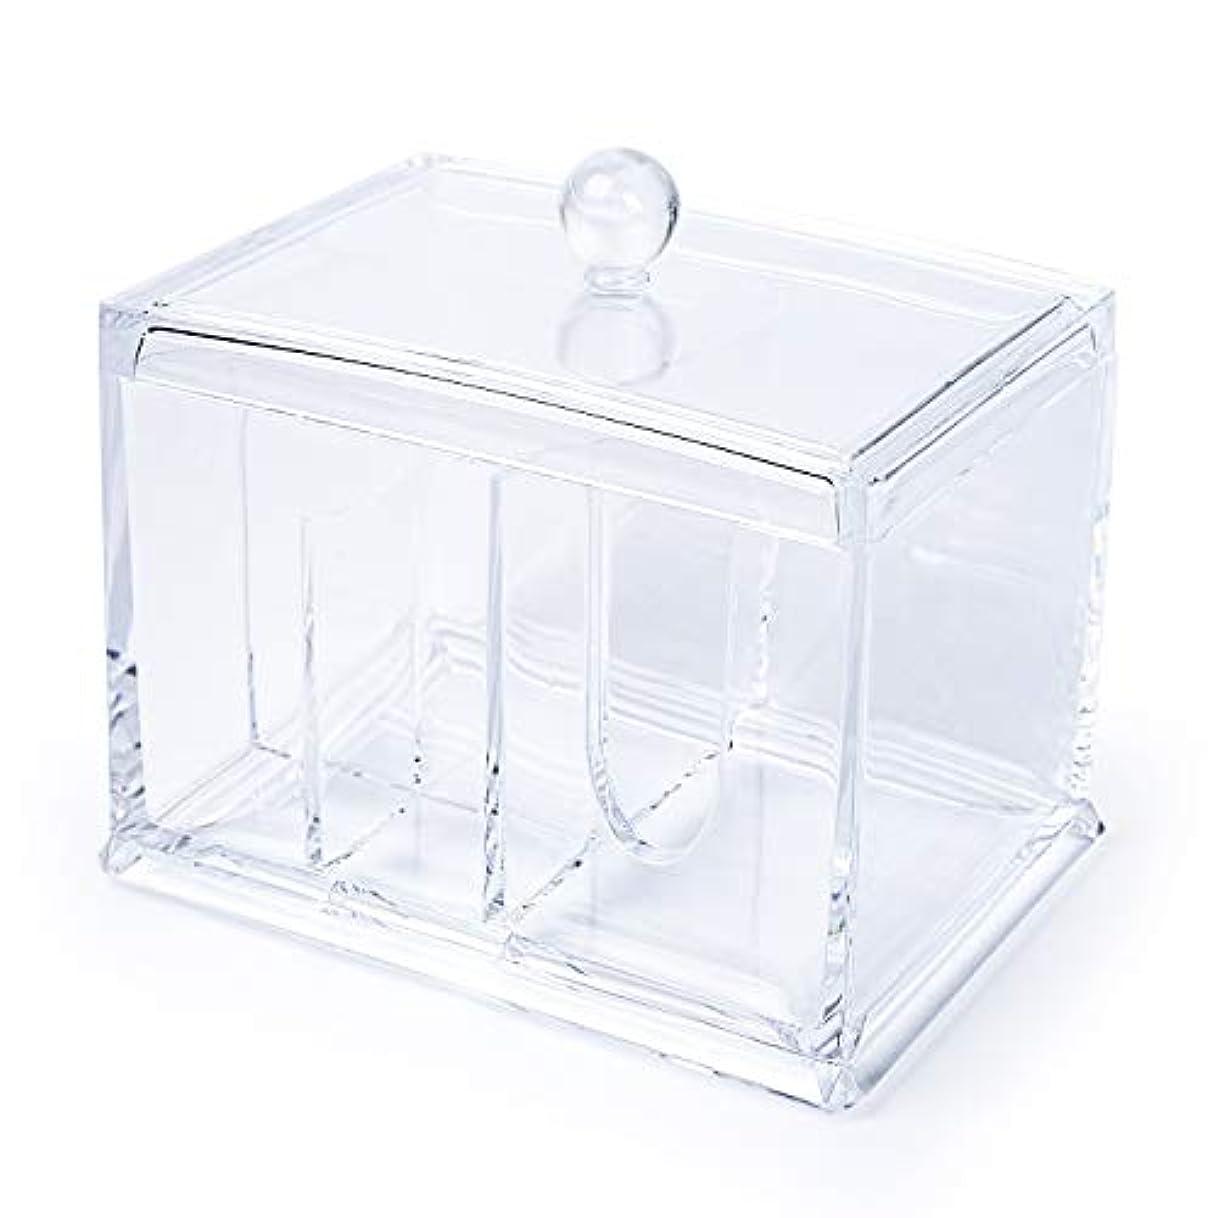 有害空白傾いたELOKI 収納ボックス アクリルケース 収納ボックス 綿棒 小物?コスメ小物用品収納 ジュエリーボックス アクセサリー 透明 防塵?蓋付き アクリル製